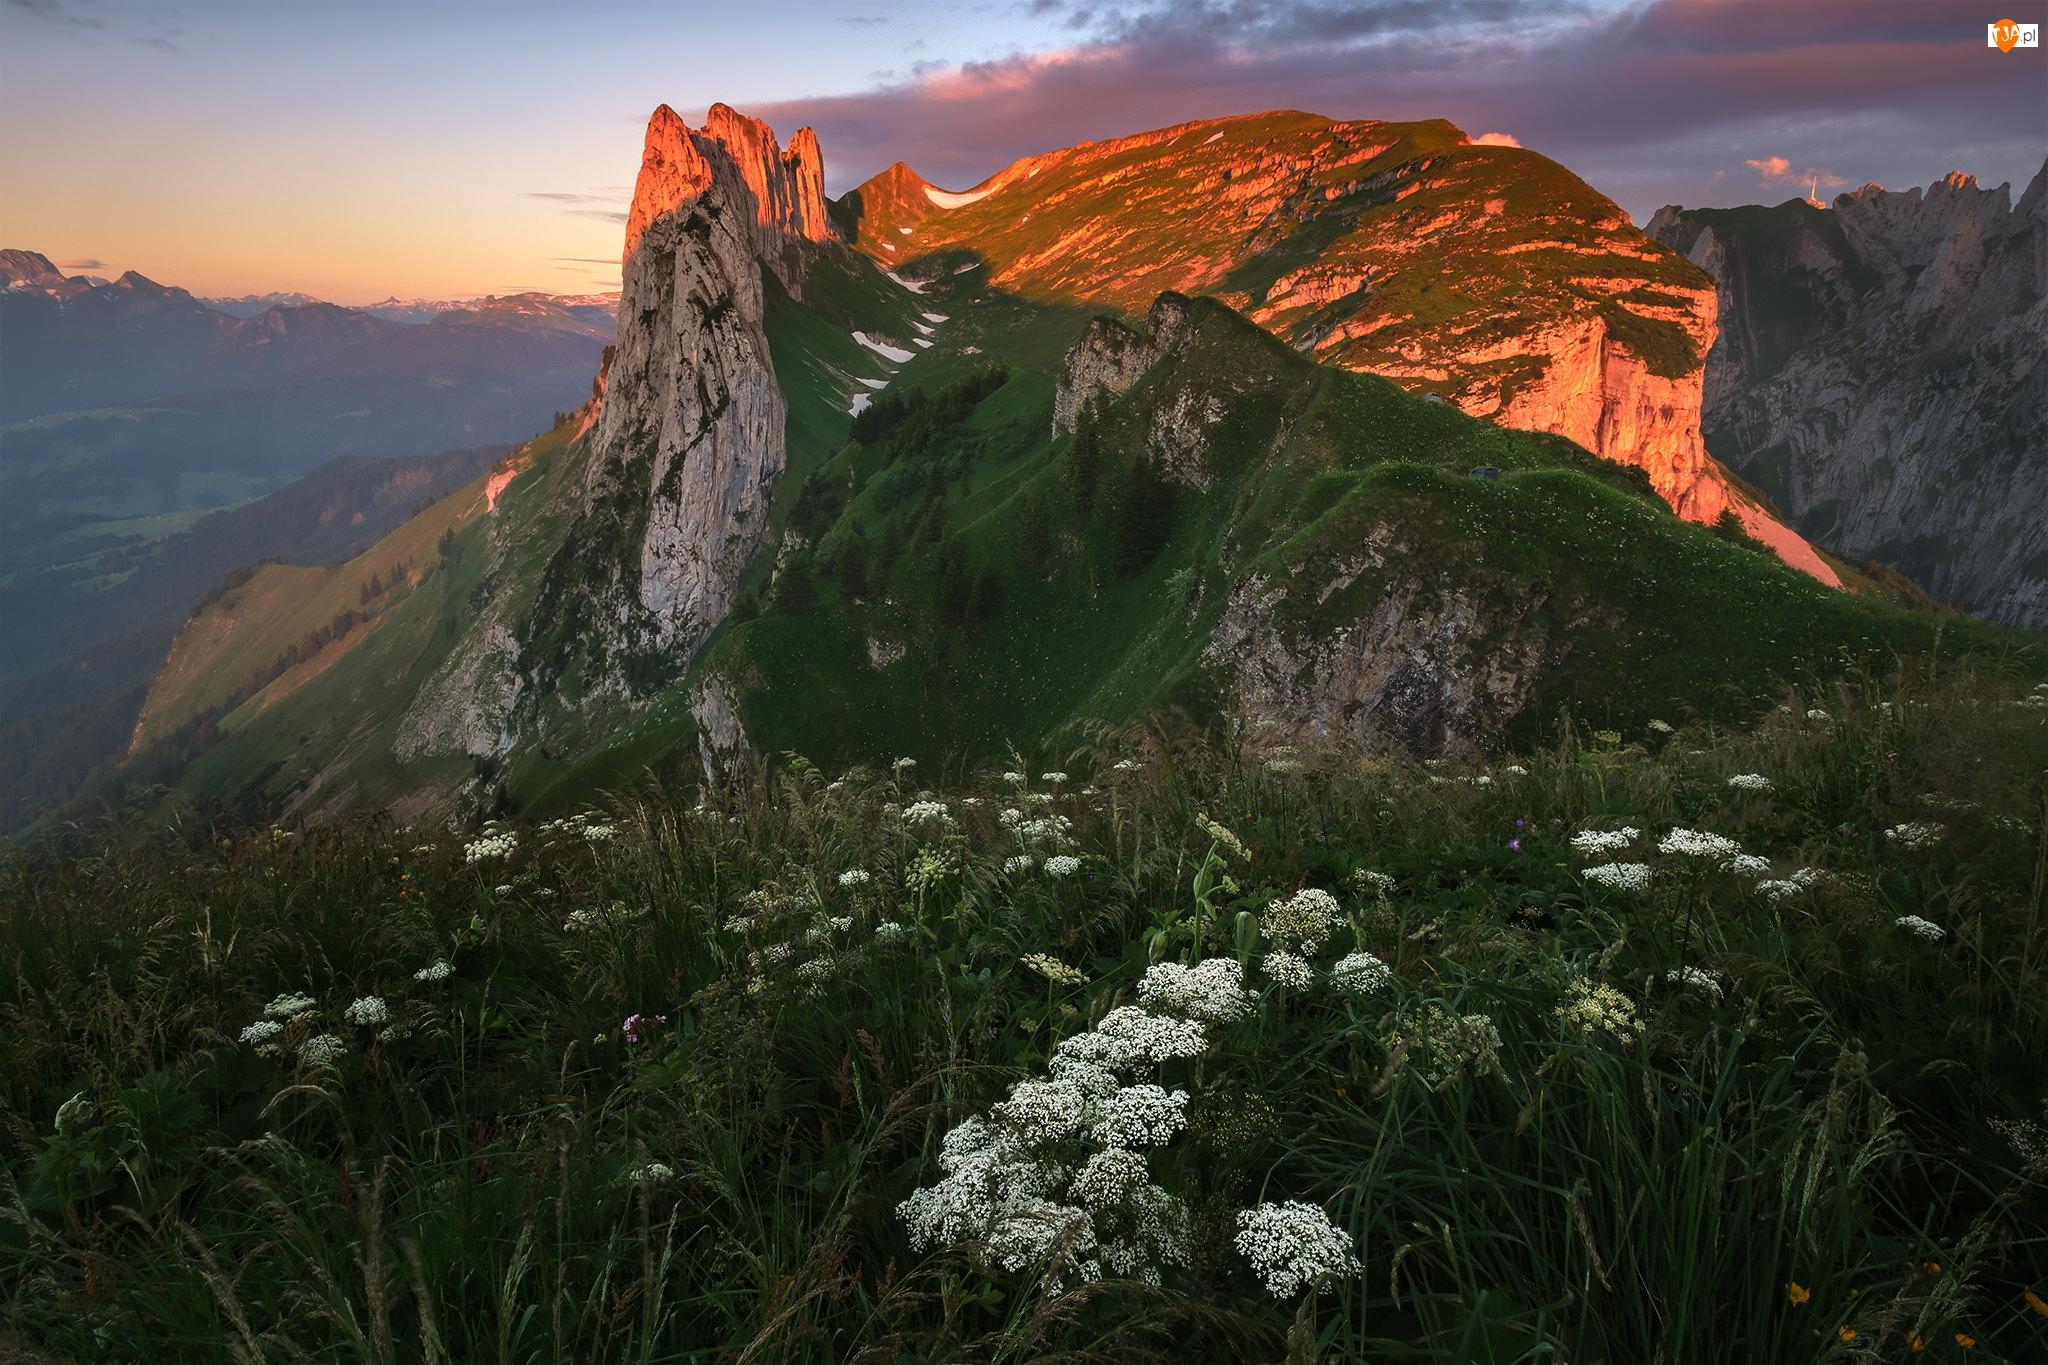 Alpy, Appenzeller Alpen, Szwajcaria, Góry, Łąka, Szczyt, Rozświetlony